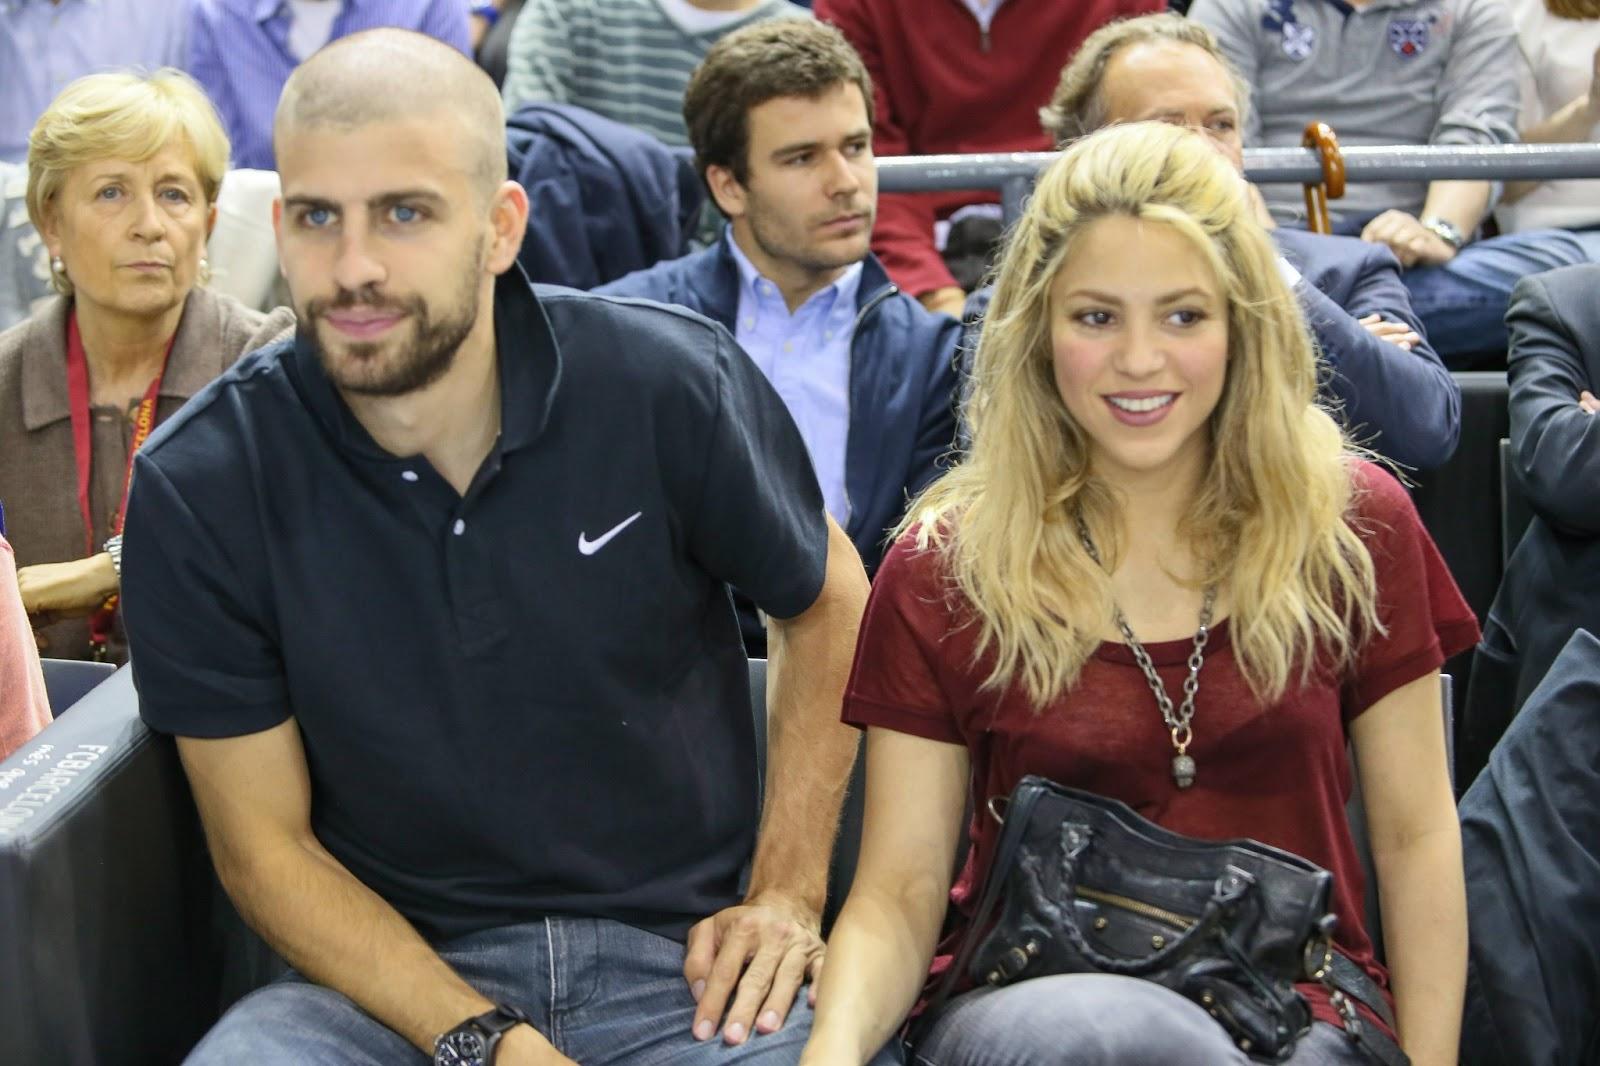 15 Fotos HQ  Shakira y Gerard en el  quot Palau quot  viendo partido de    Gerard Pique Girlfriend